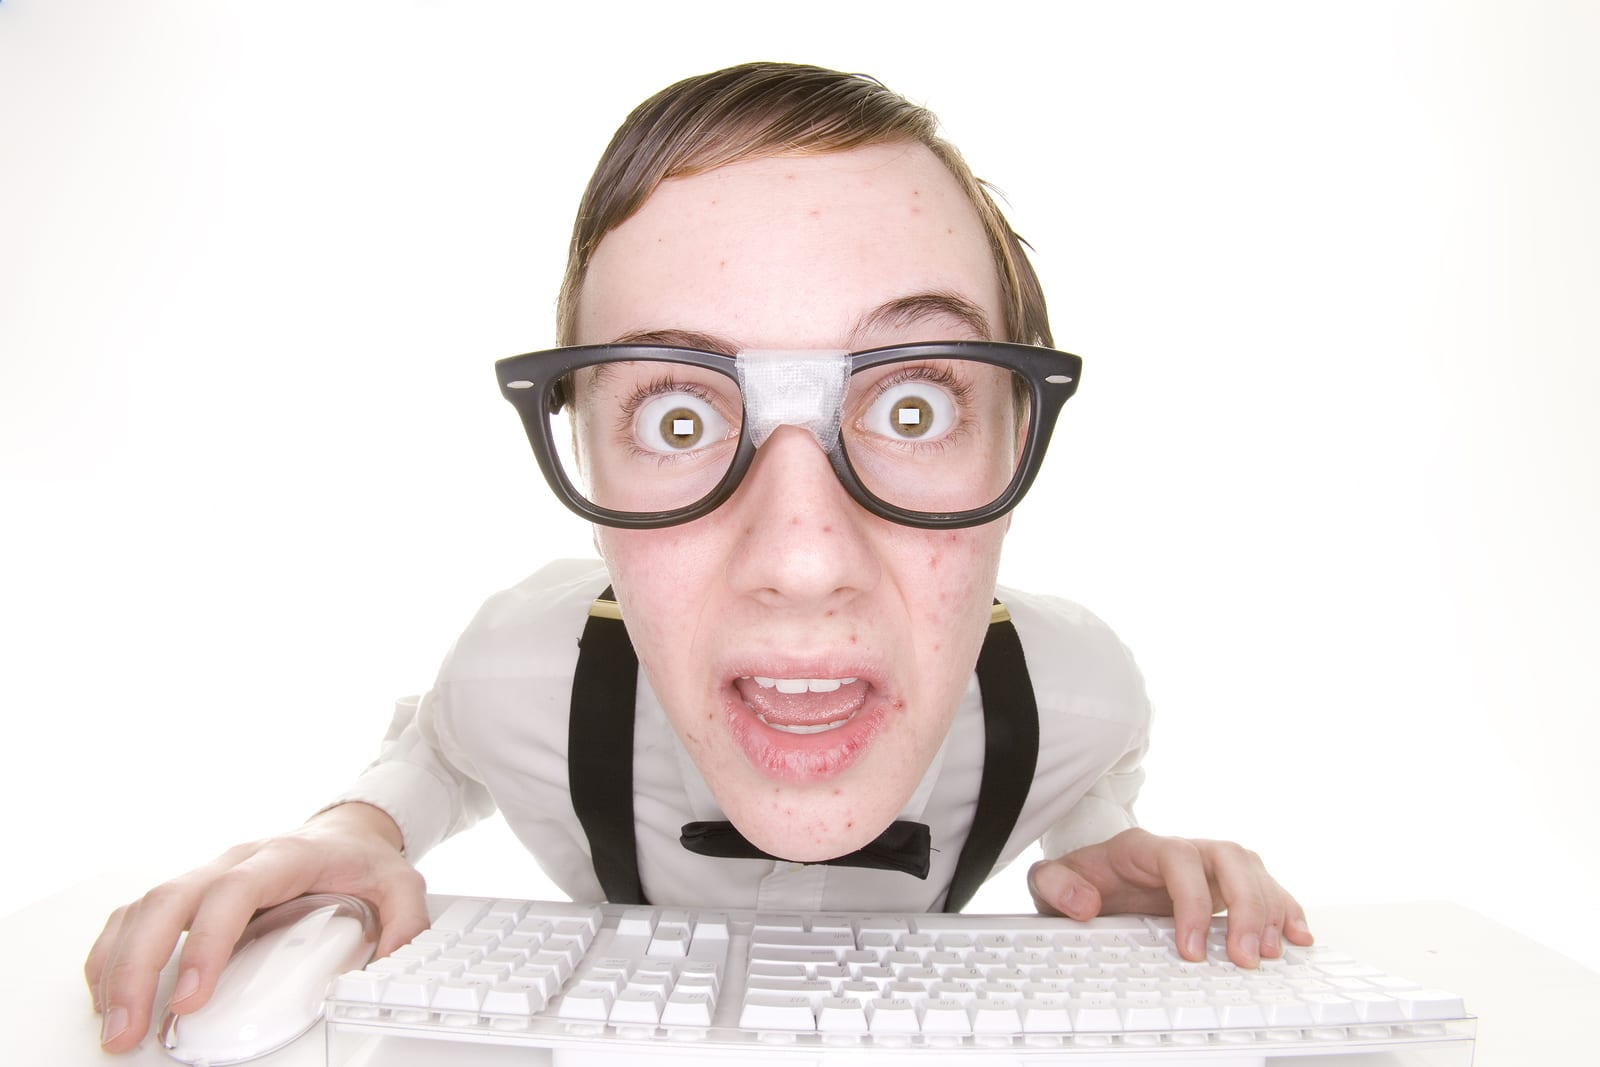 Geek Destroy Career Header Image